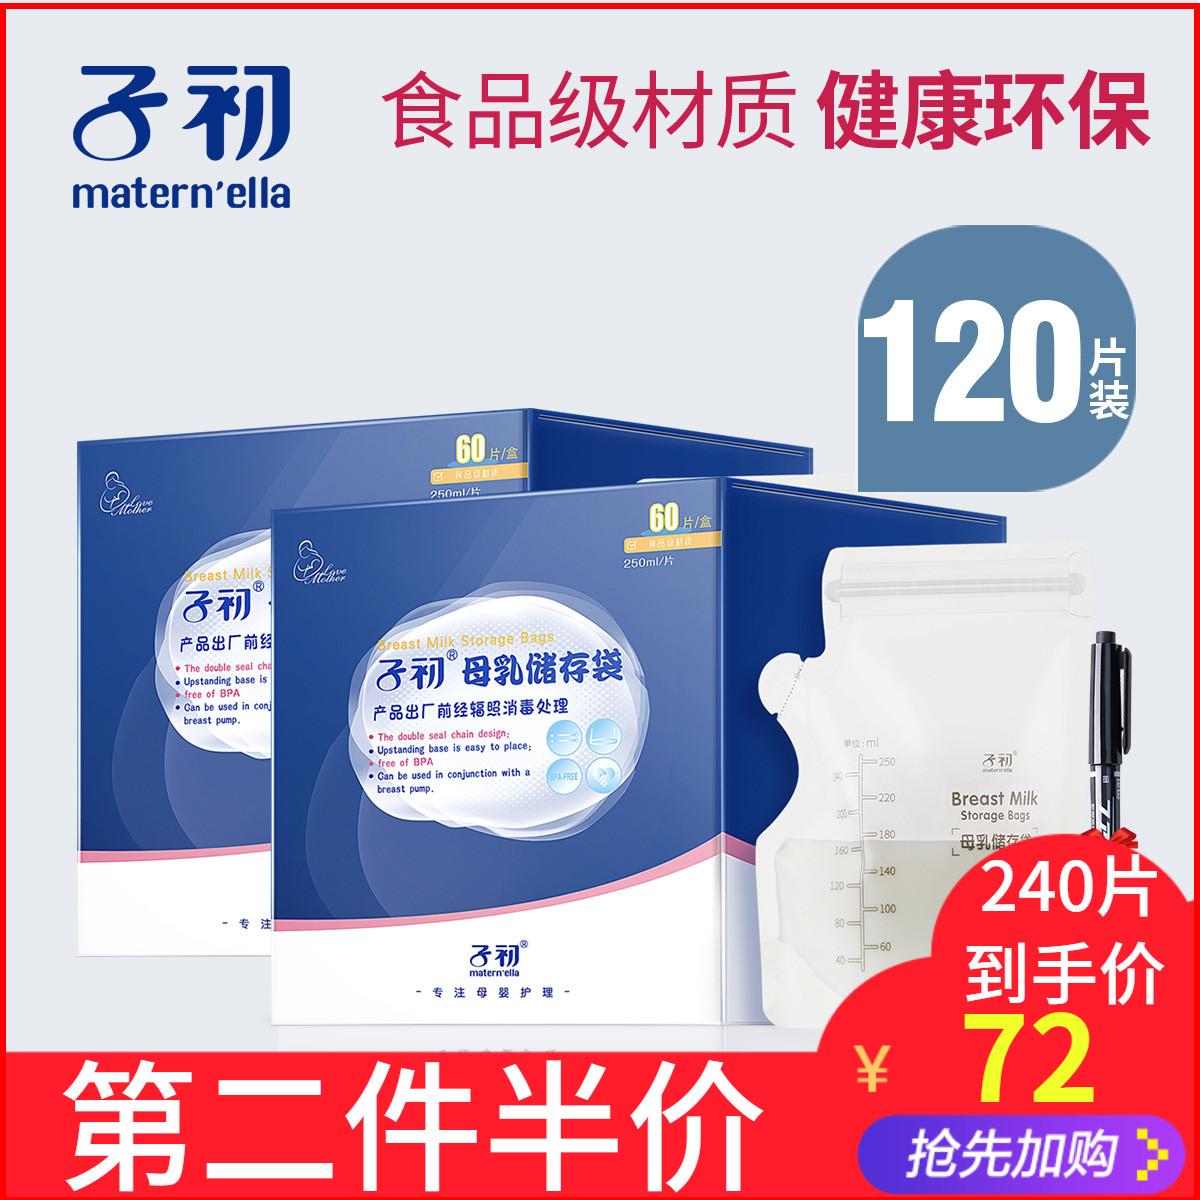 【120片】子初母乳250ml母乳保鲜袋